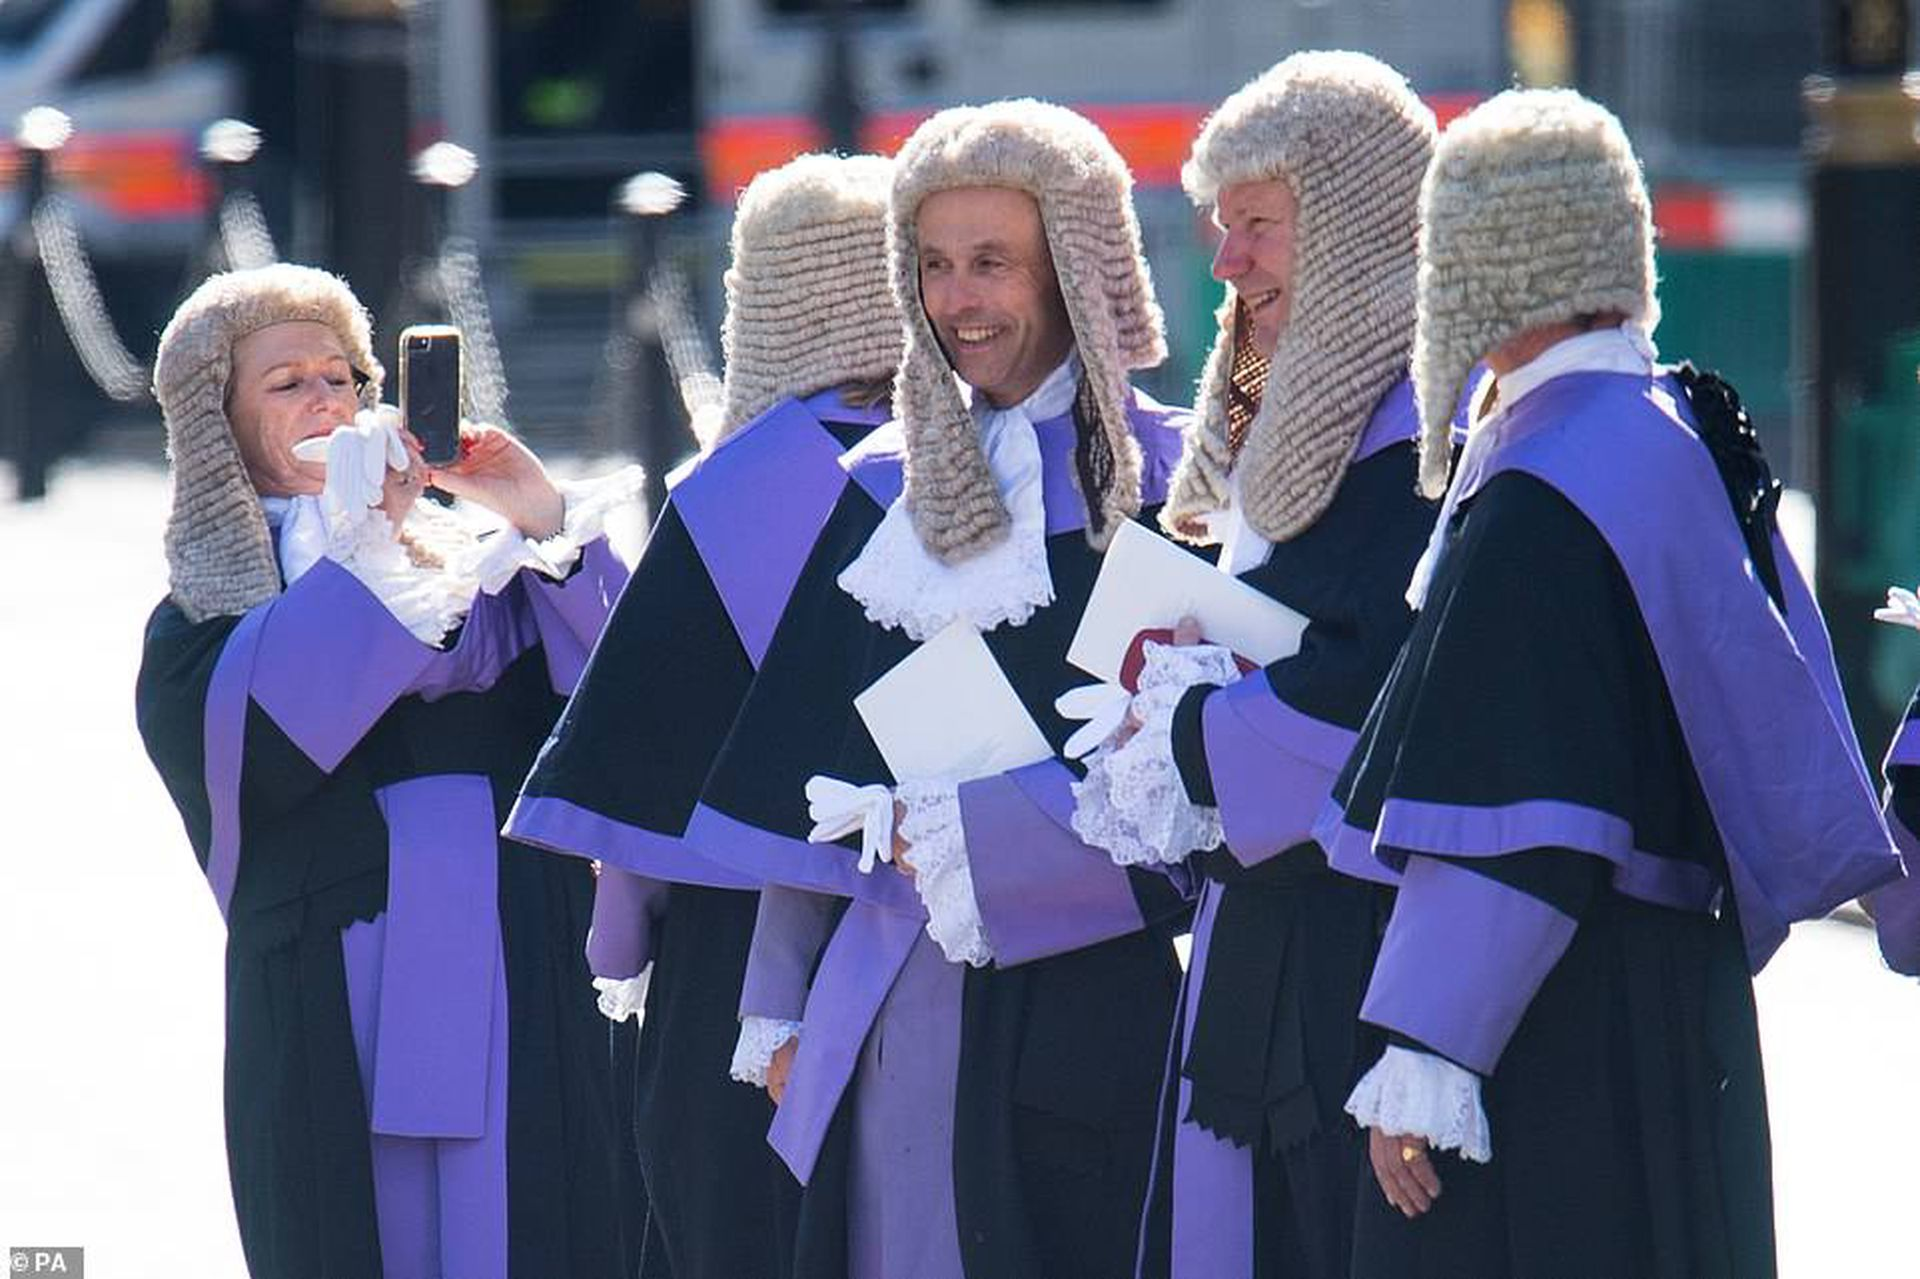 Jueces de la Corte Suprema, con sus togas y sus pelucas.